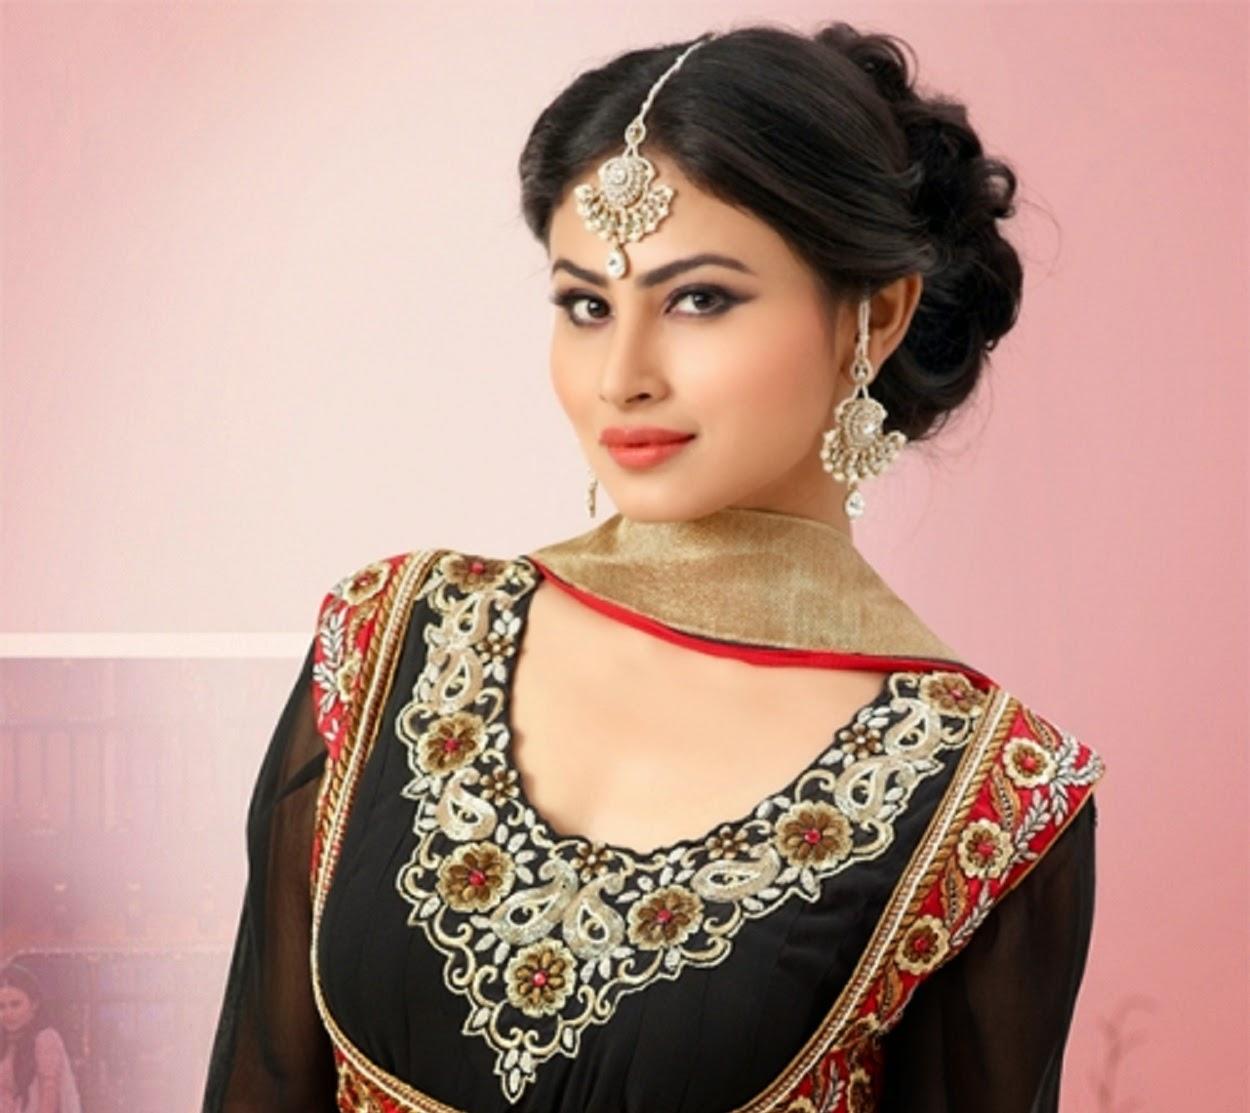 بالصور اجمل الهنديات , اجمل الممثلات الهنود 3785 10